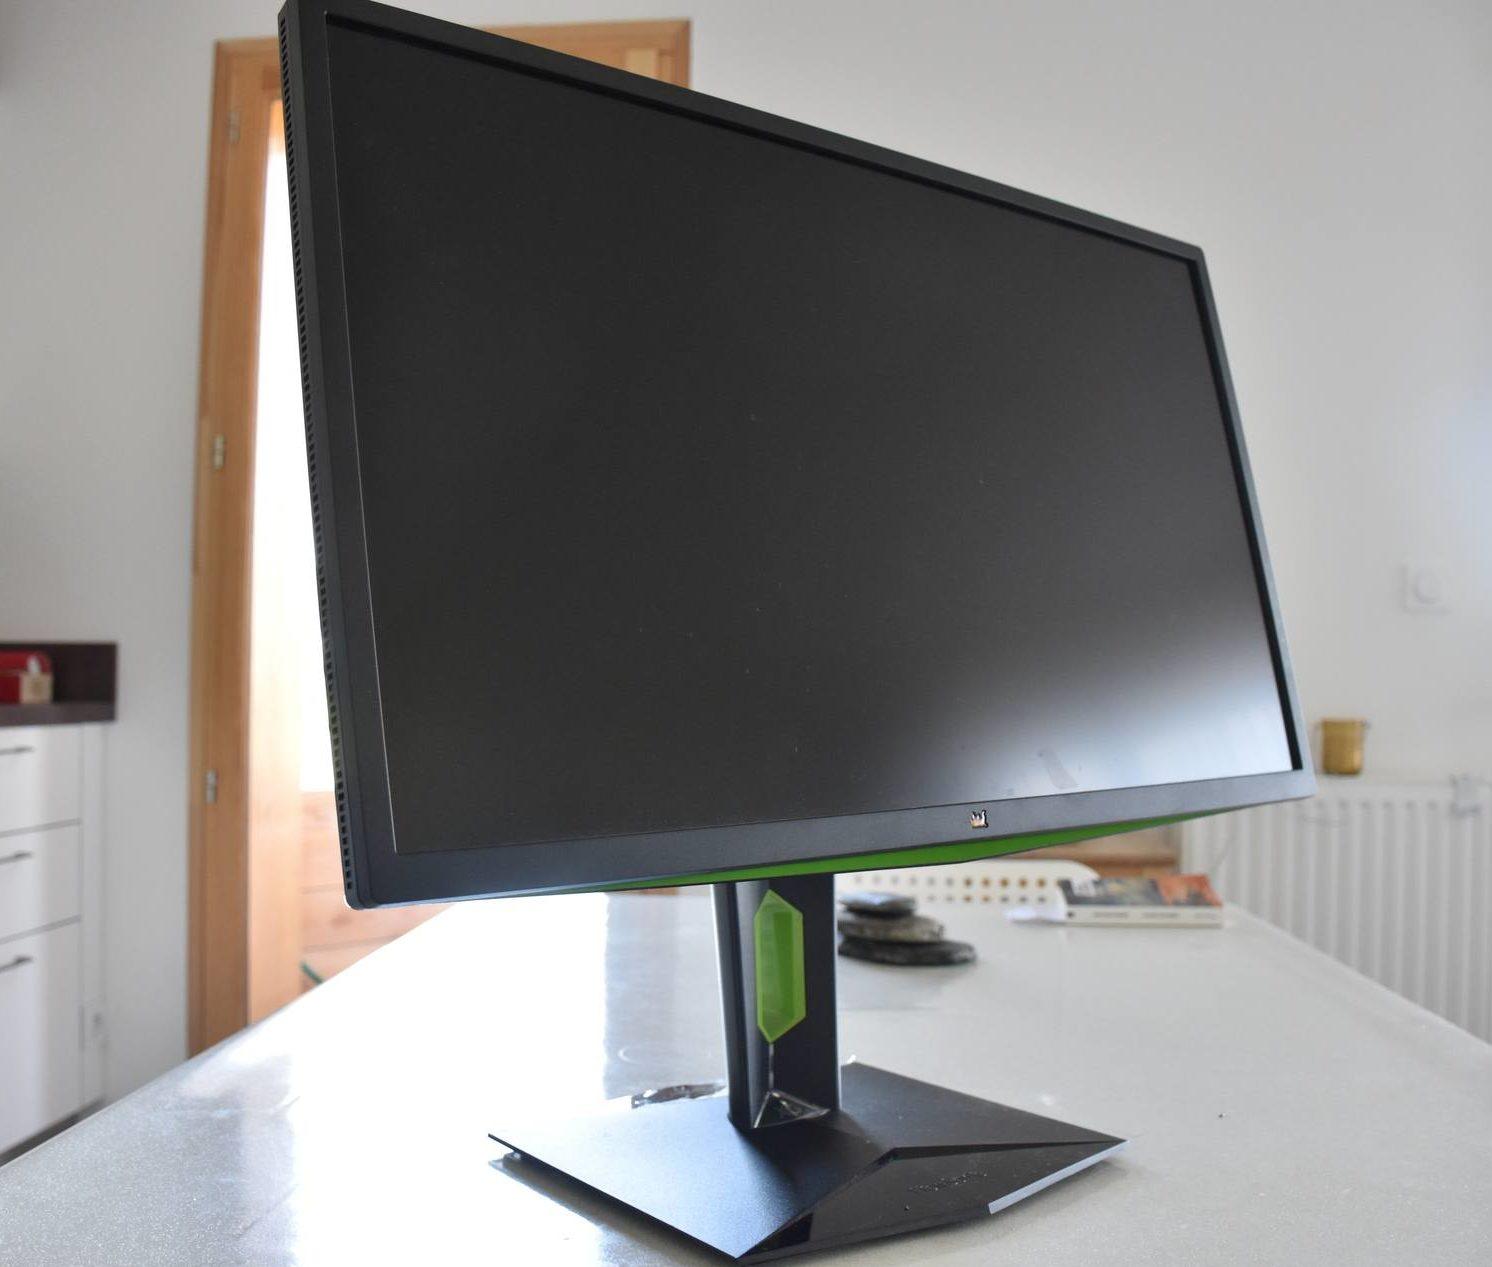 le viewsonic xg2703 gs une b te de puissance lcdg. Black Bedroom Furniture Sets. Home Design Ideas